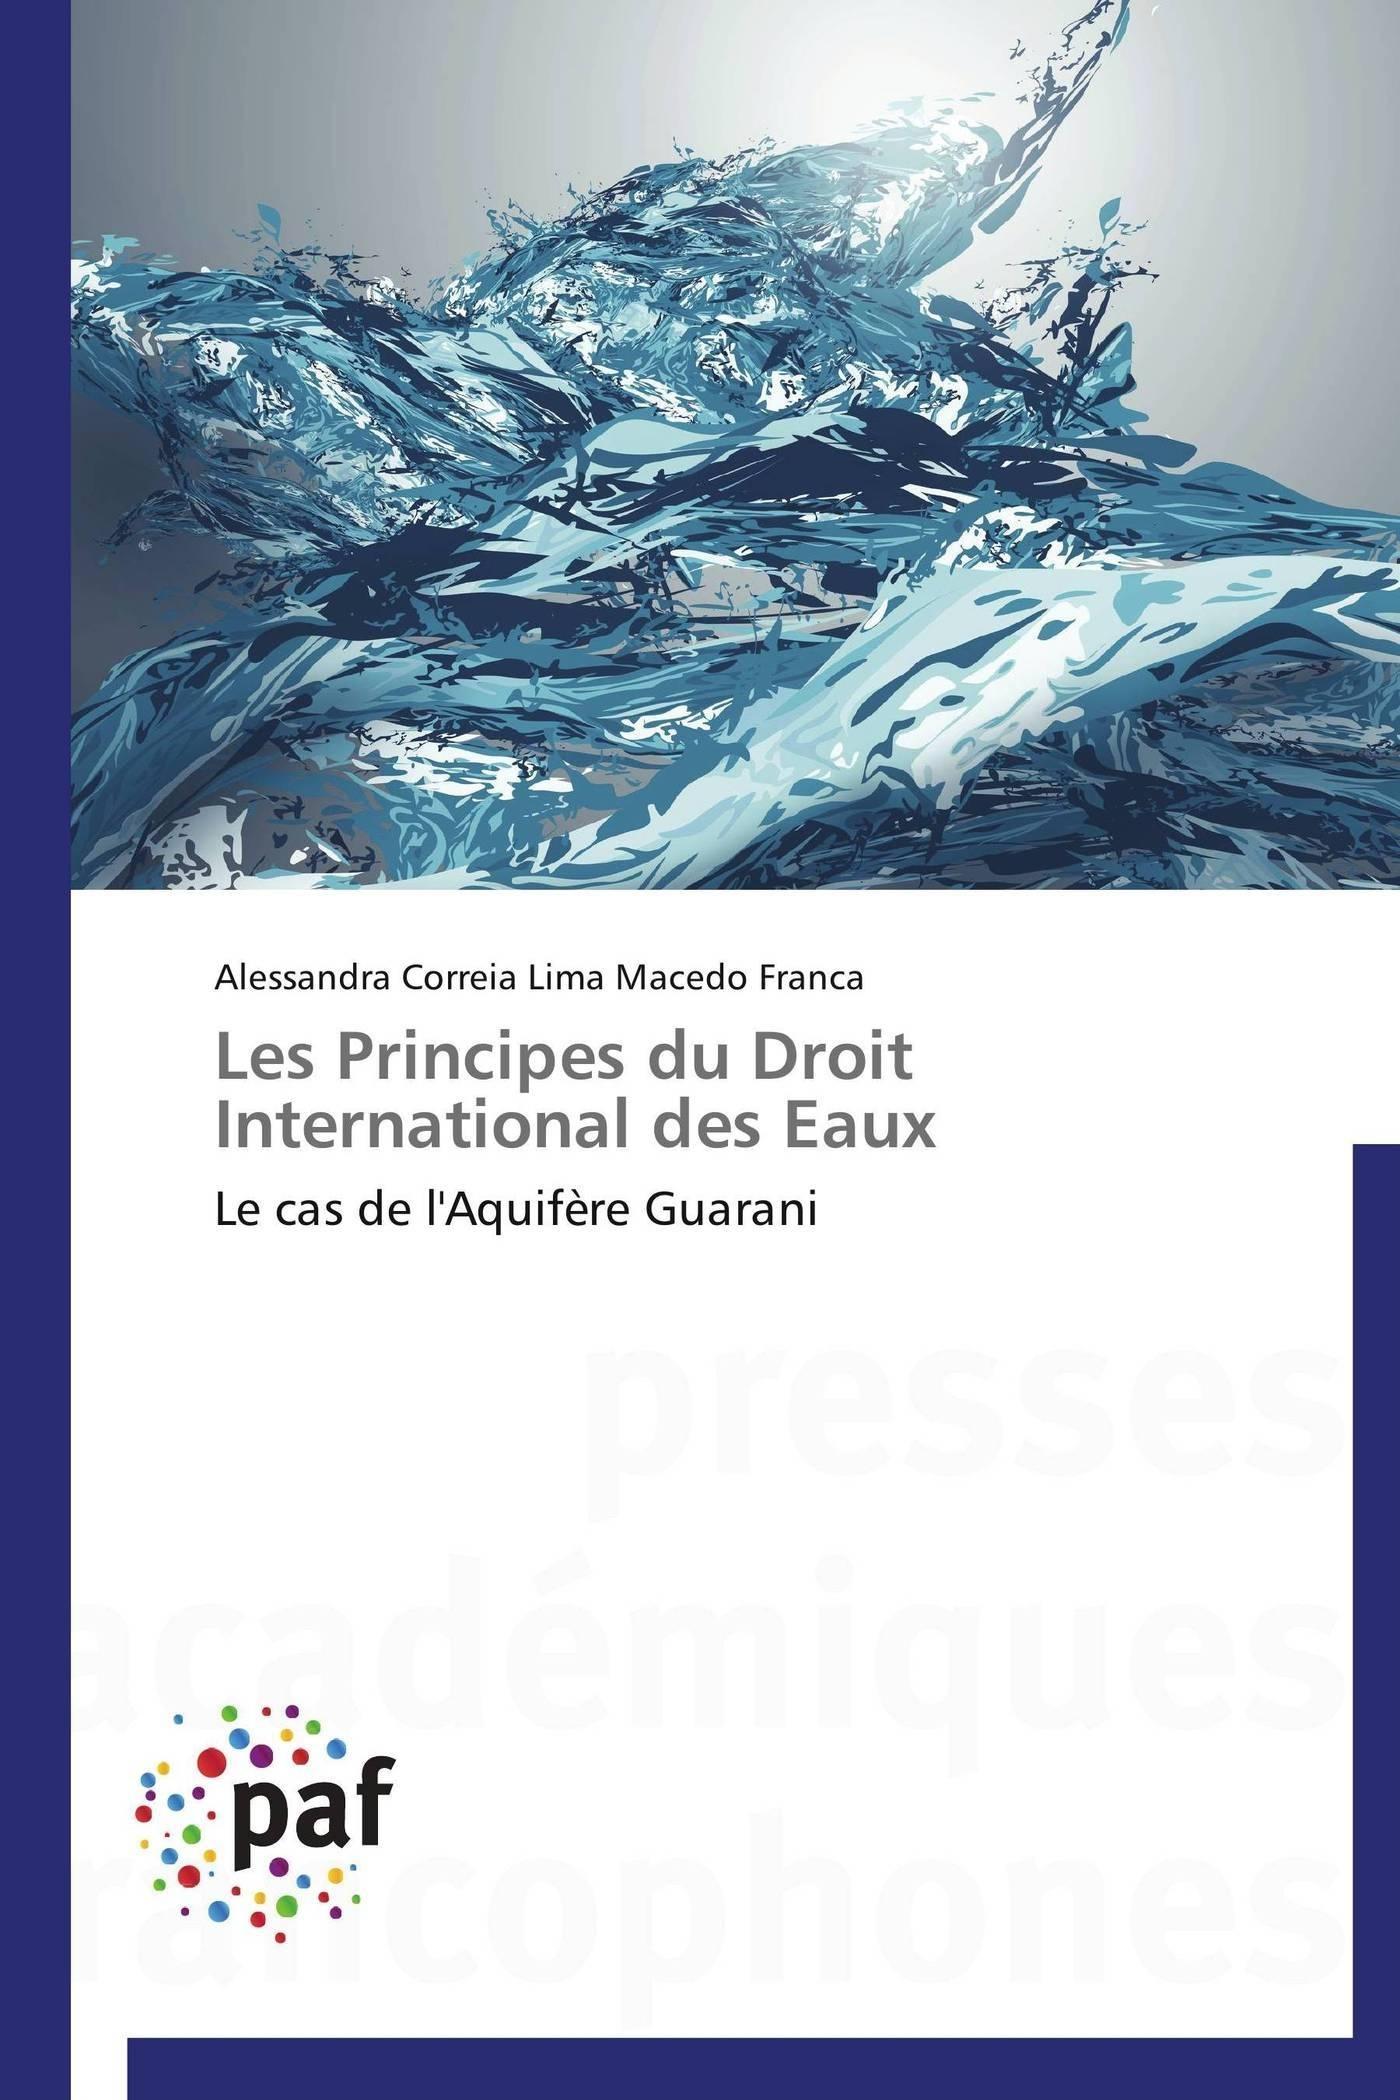 LES PRINCIPES DU DROIT INTERNATIONAL DES EAUX